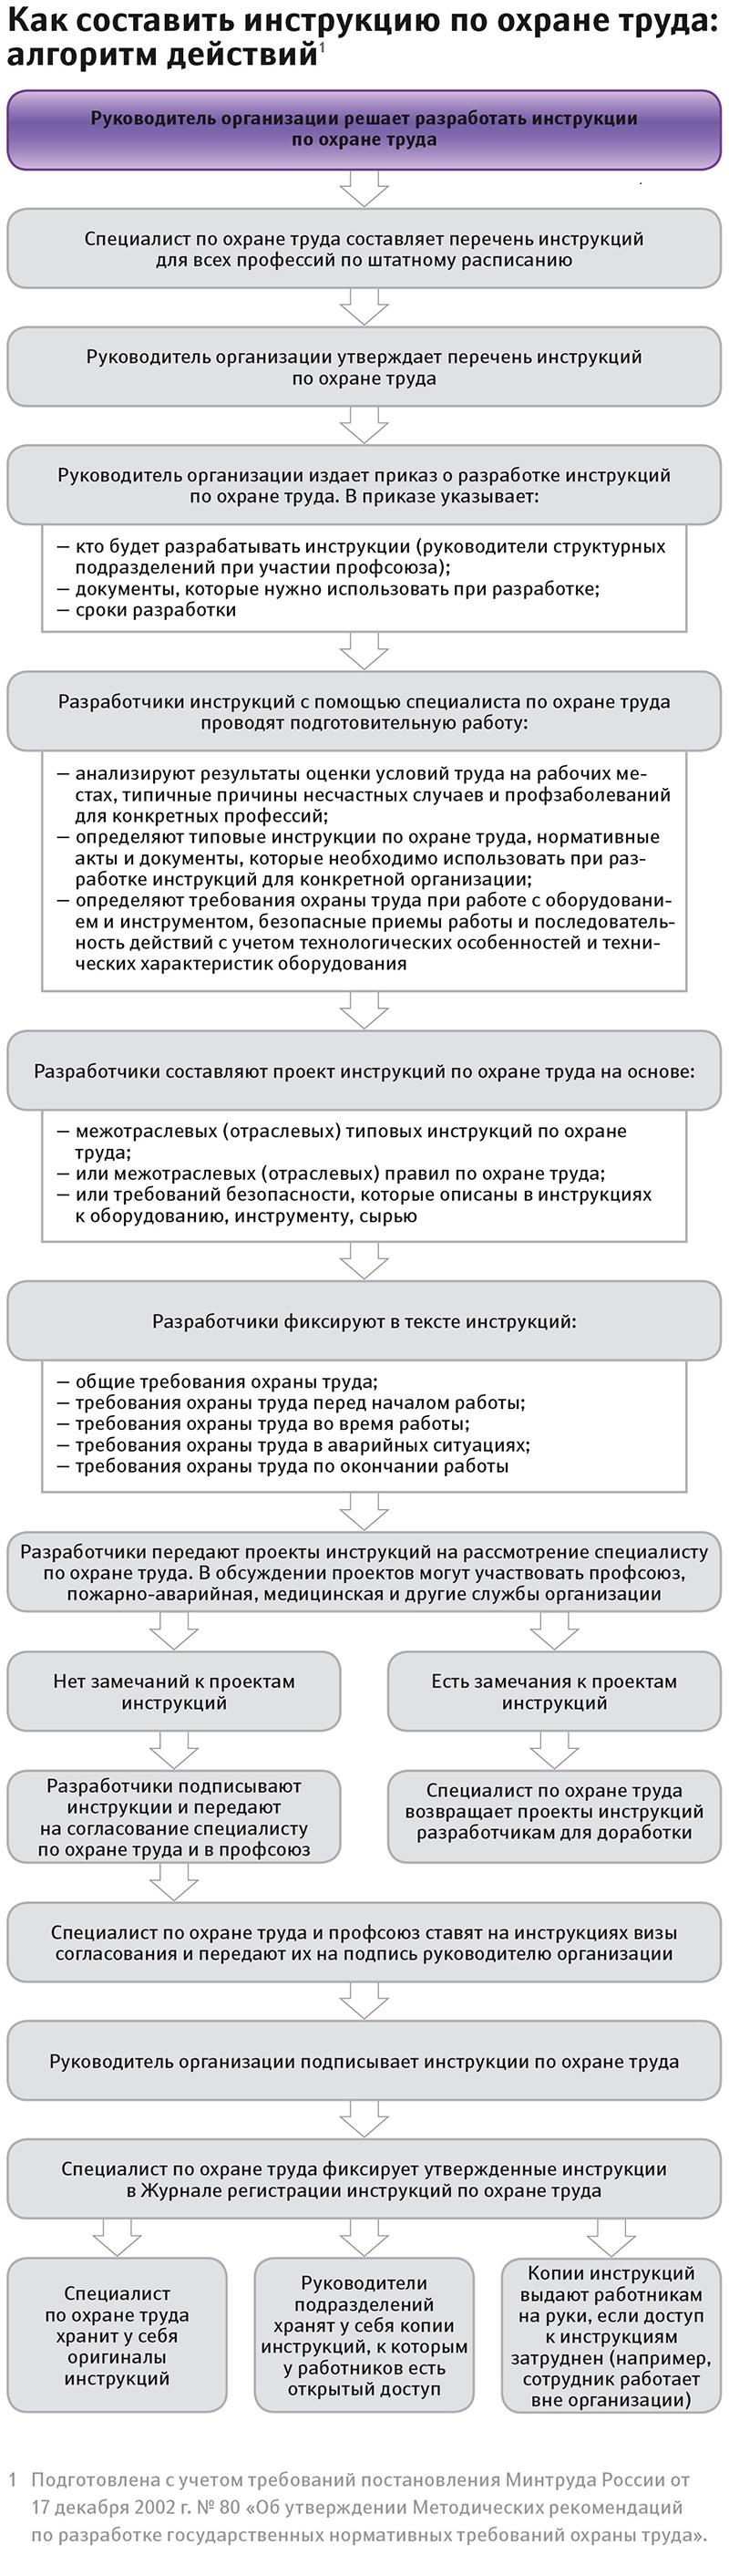 Инструкция по охране труда при следовании в командировку